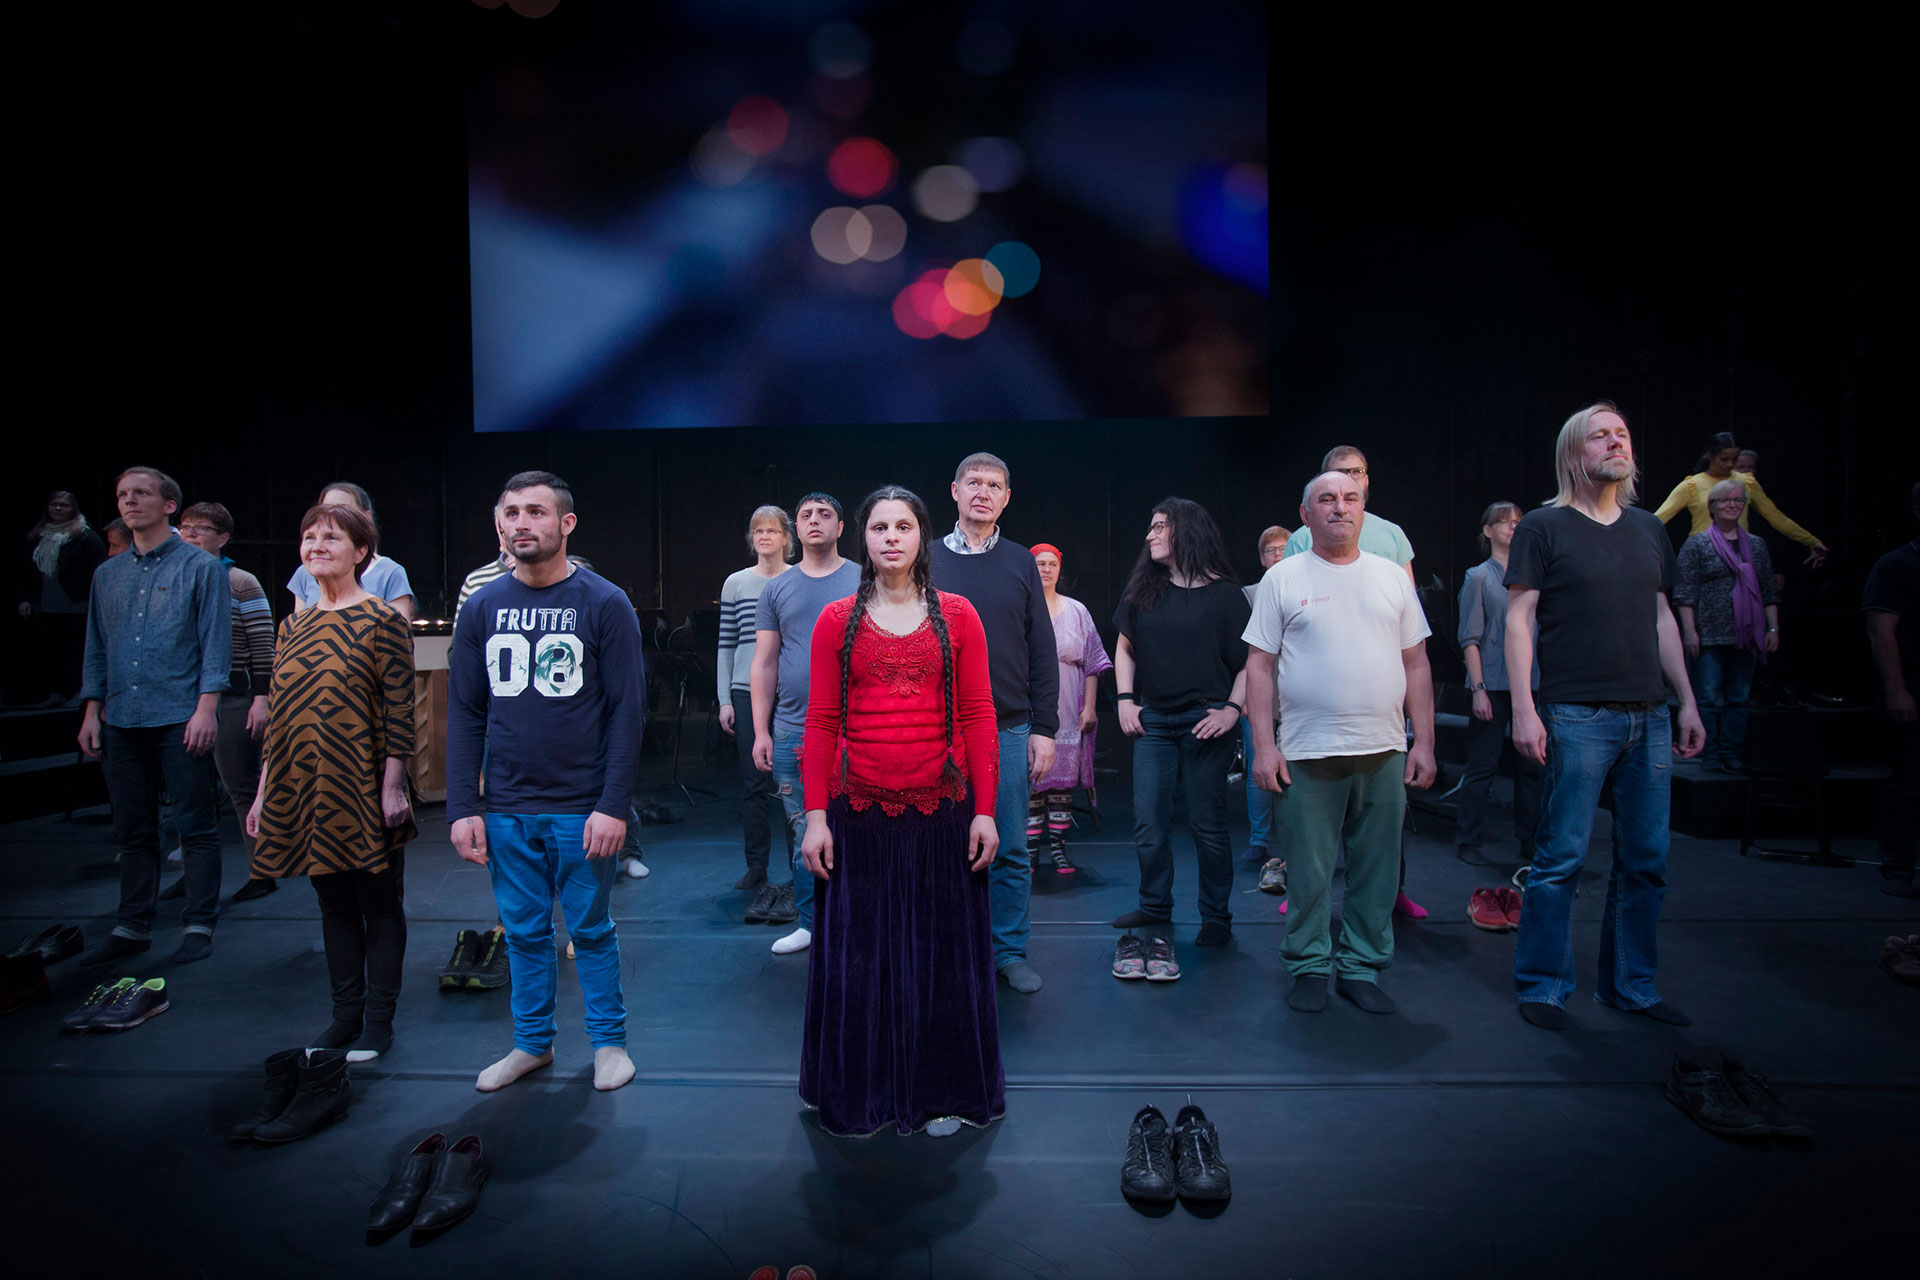 Ensemblen i Förklädd gud står samlade på scenen, alla har tagit av sig sina skor.